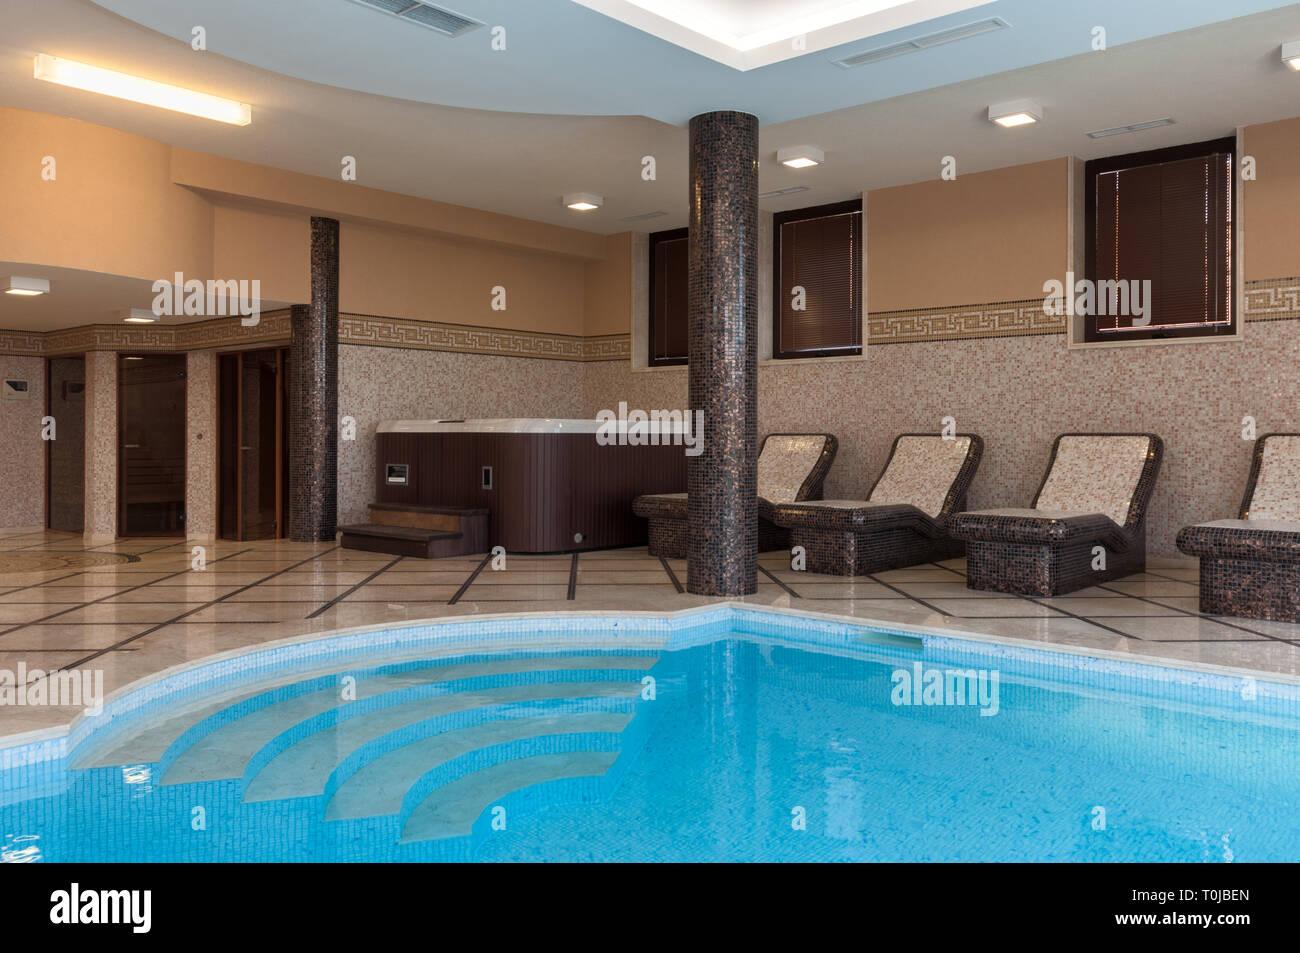 Accueil en marbre de luxe Spa Sauna Piscine intérieure dans ...